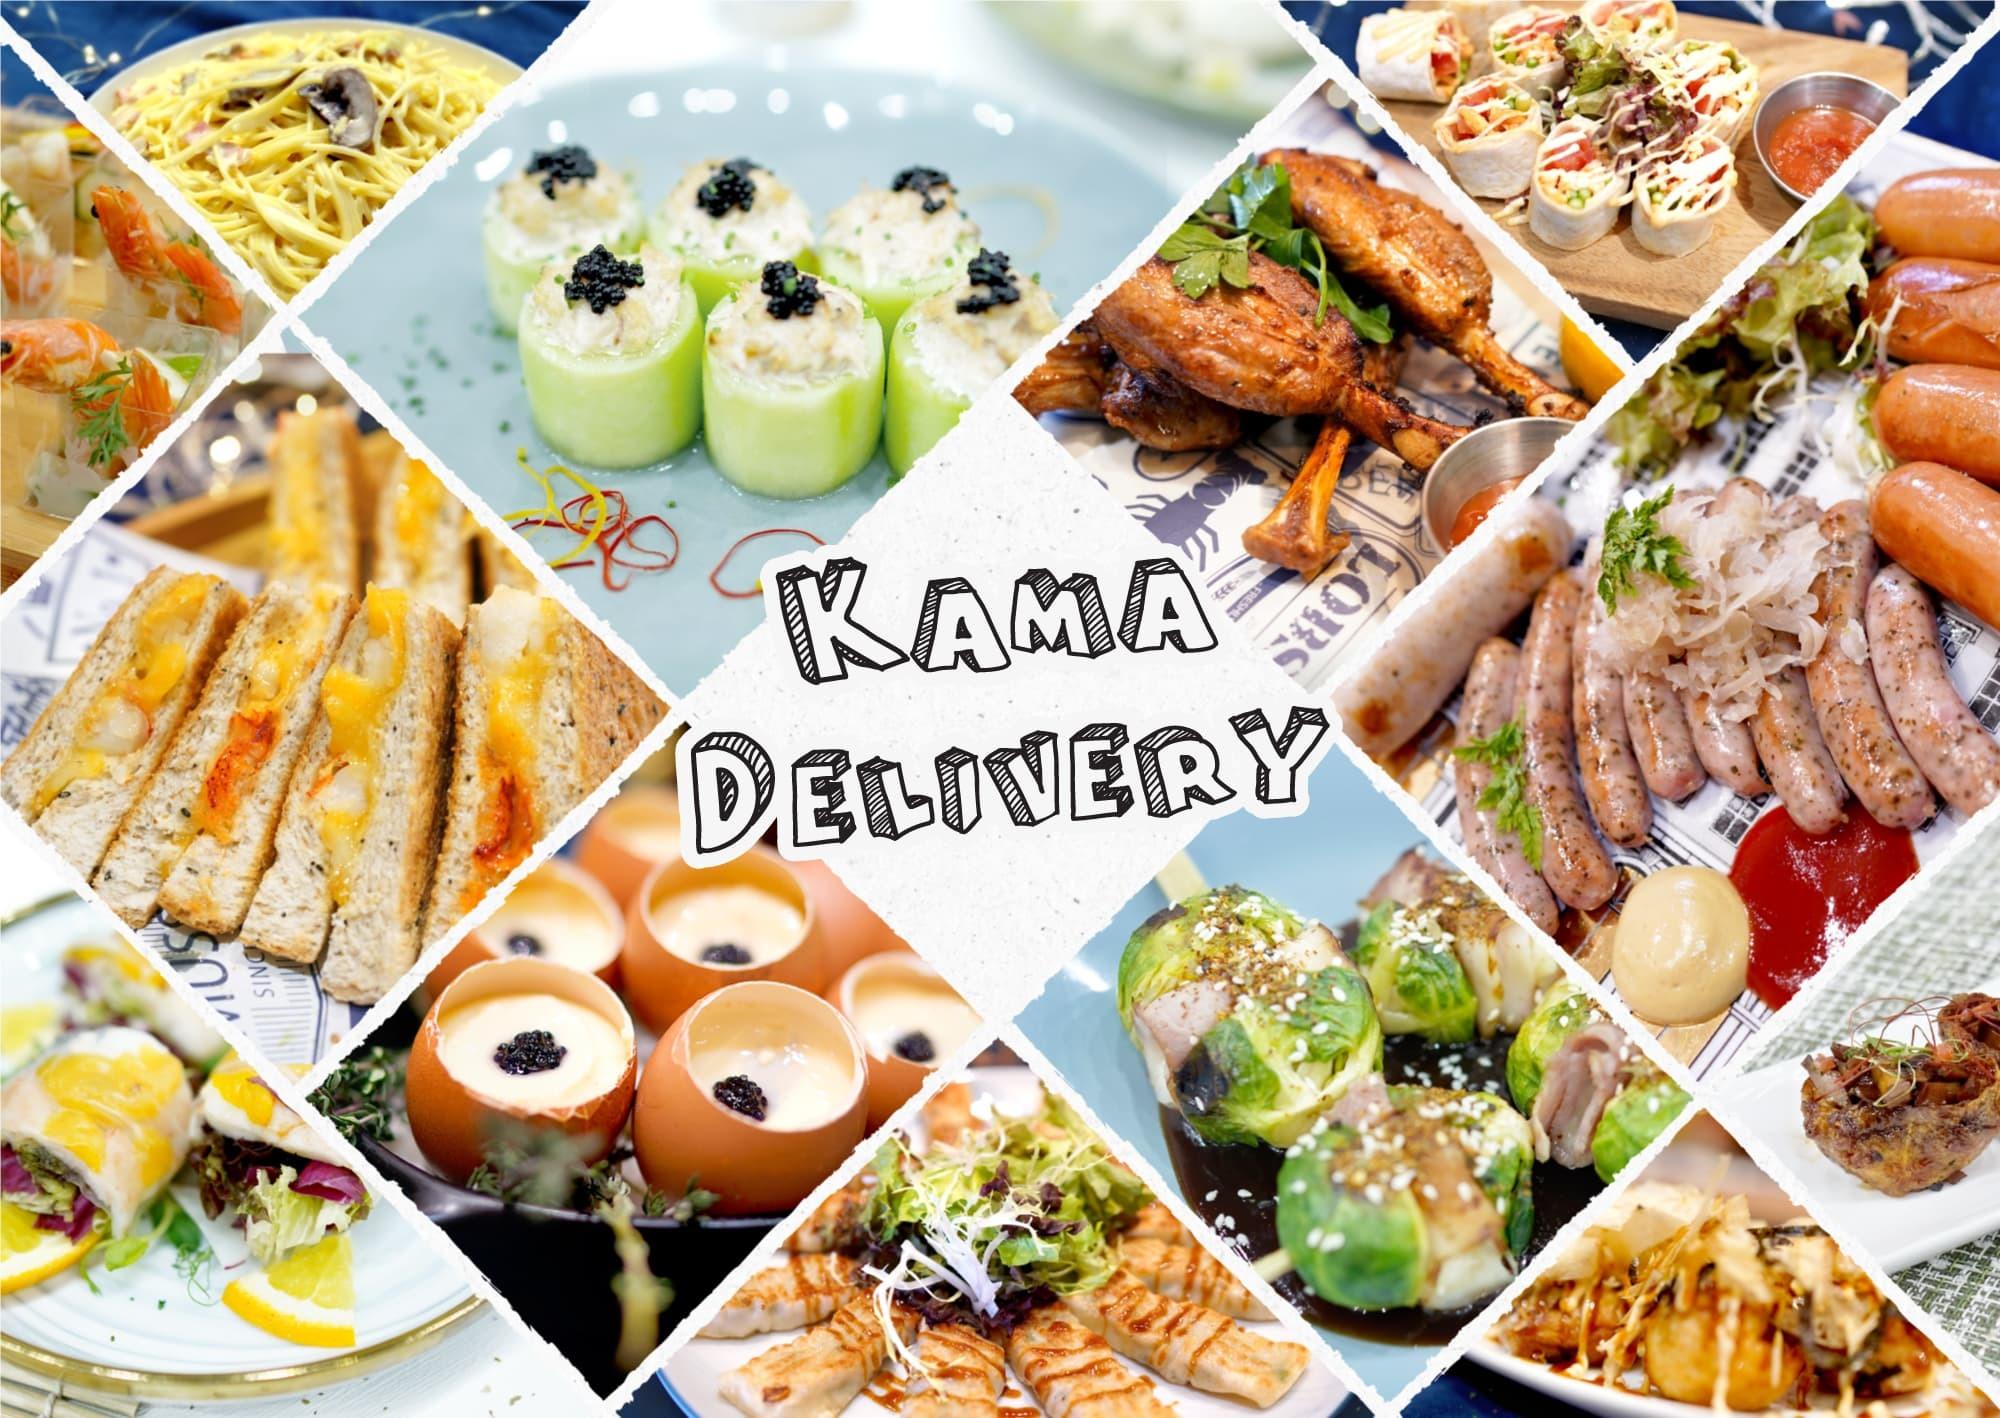 80人到會外賣.推介首選|Kama Delivery一直致力供應多元化的到會外賣服務,以合理價錢,為客人打造最合適的餐飲,迎合不同場合的外賣需求。除了外賣套餐之外,我們同樣設有過百款的單點食品,包括沙律、小食、肉類、海鮮、飲品等等,大量美食任君選擇。